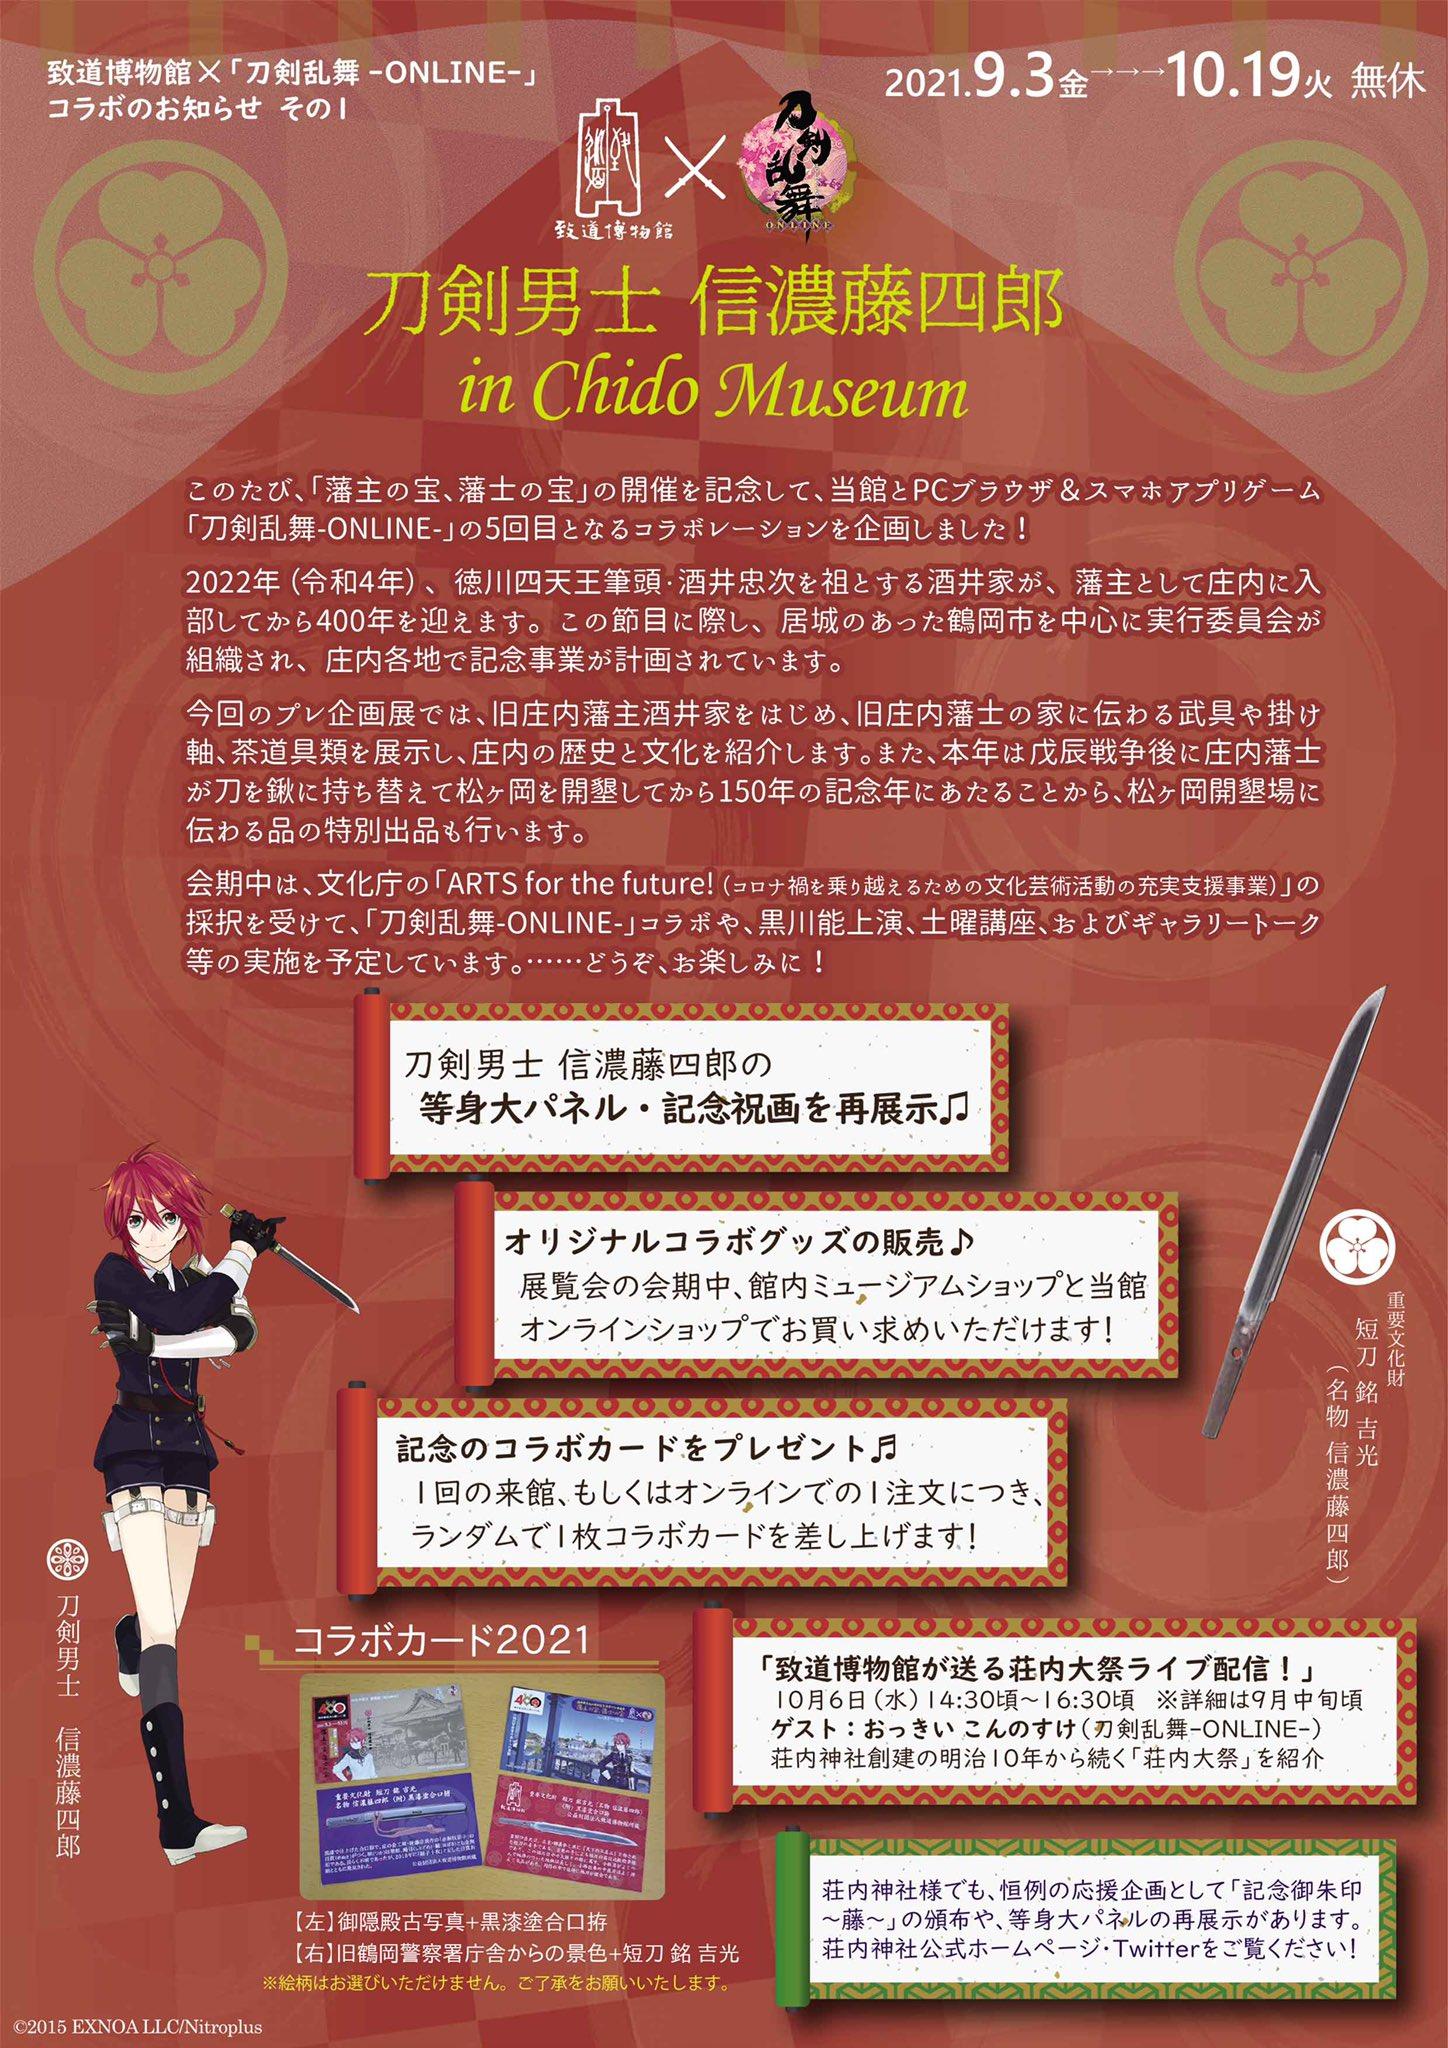 「刀剣乱舞×致道博物館」5回目のコラボ!信濃藤四郎のパネル展示、配信はおっきいこんのすけ登場